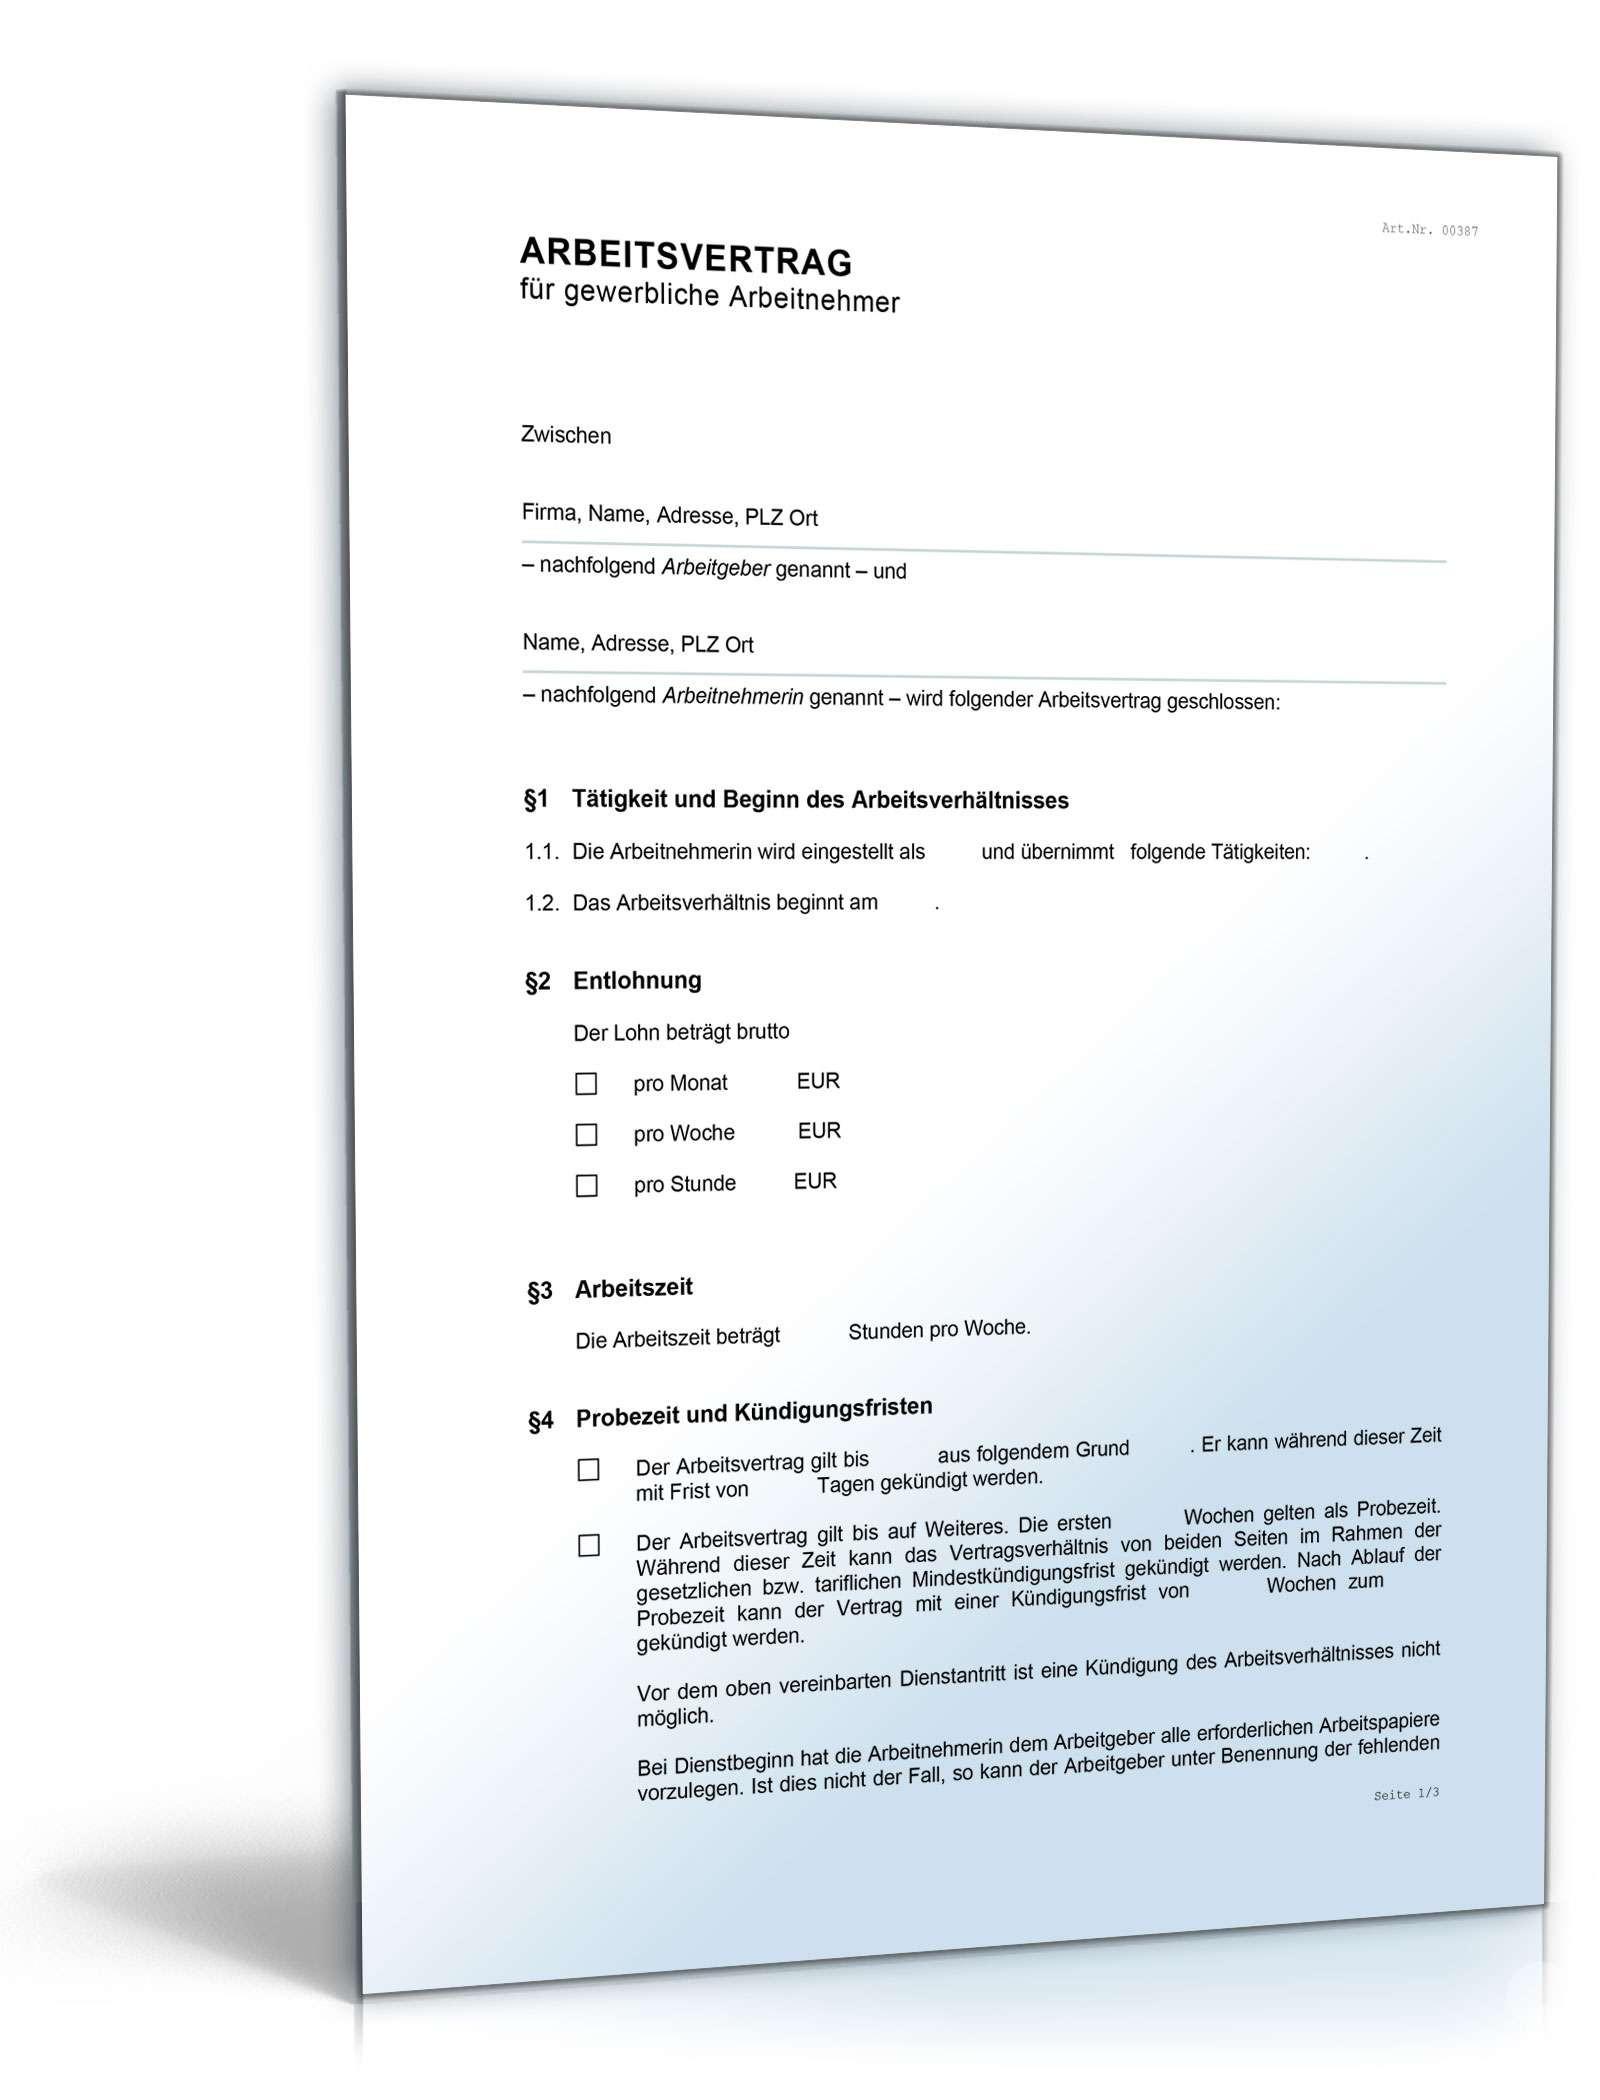 Arbeitsvertrag Für Gewerbliche Arbeitnehmer Im Handwerk  Arbeitsvertrag gewerbliche Arbeitnehmer Muster zum Download